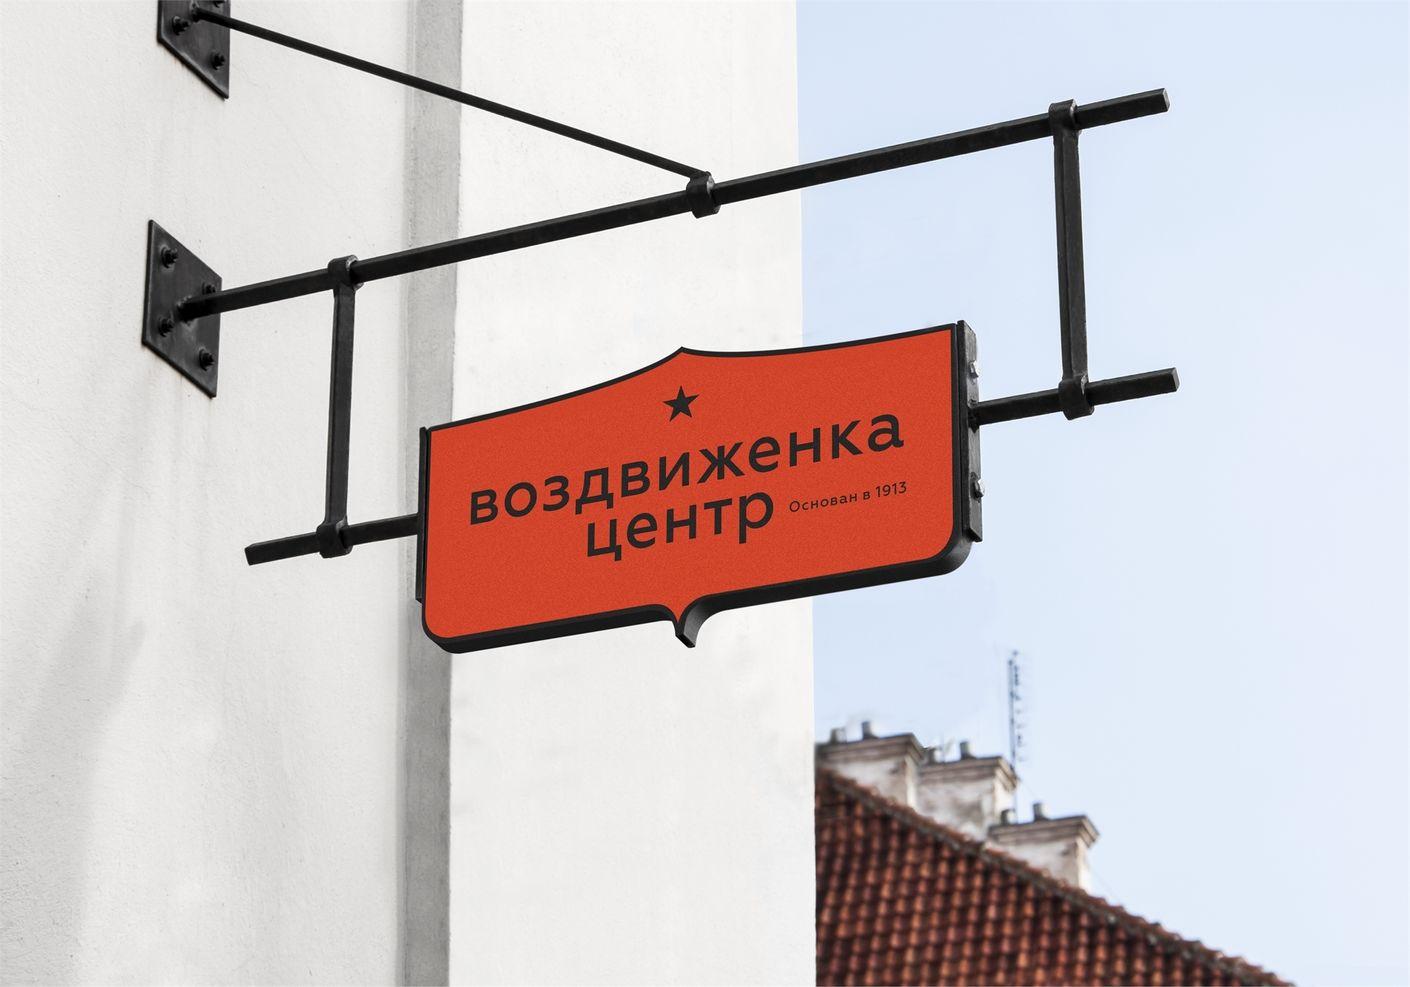 Лабораторией дизайна предложен фирменный стиль для «Воздвиженка Центр» (Военторг) - hsedesignlab.ru